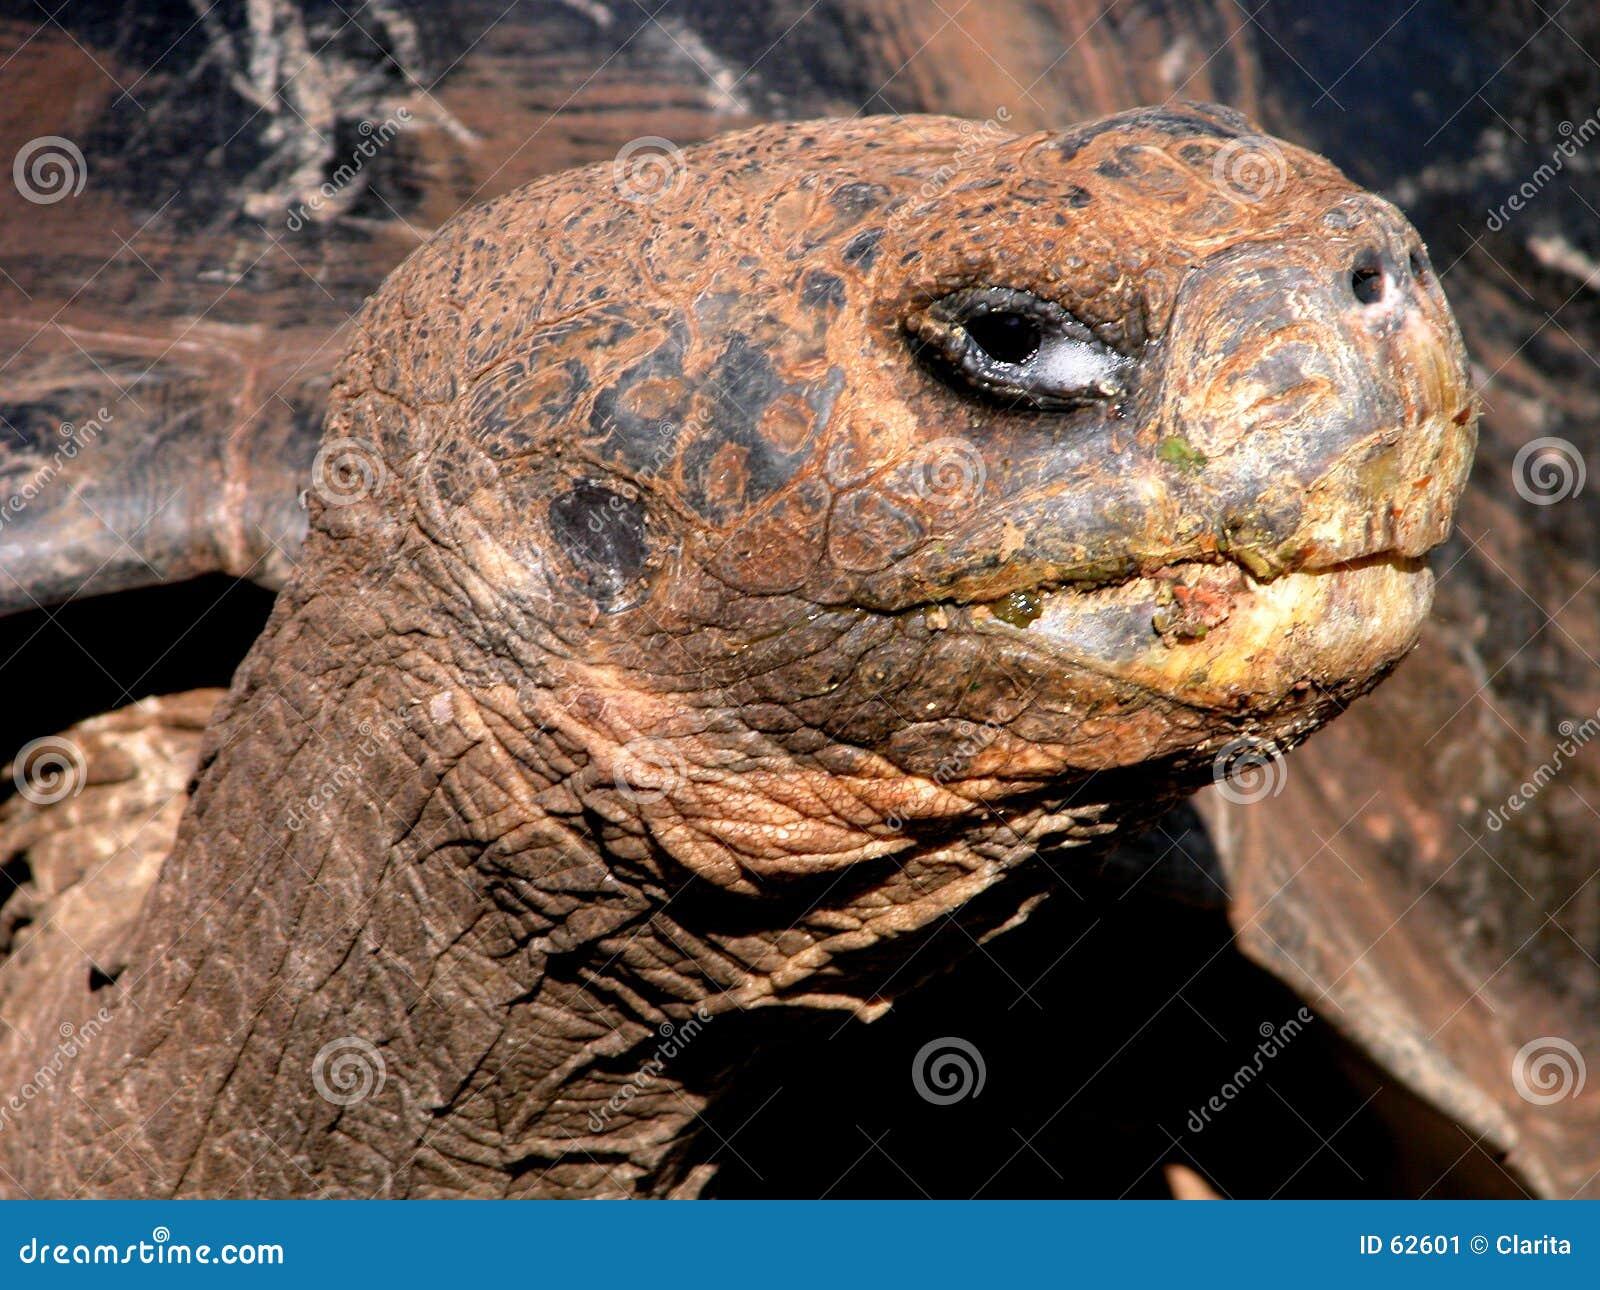 Download Tortue géante image stock. Image du reptiles, amérique, faune - 62601